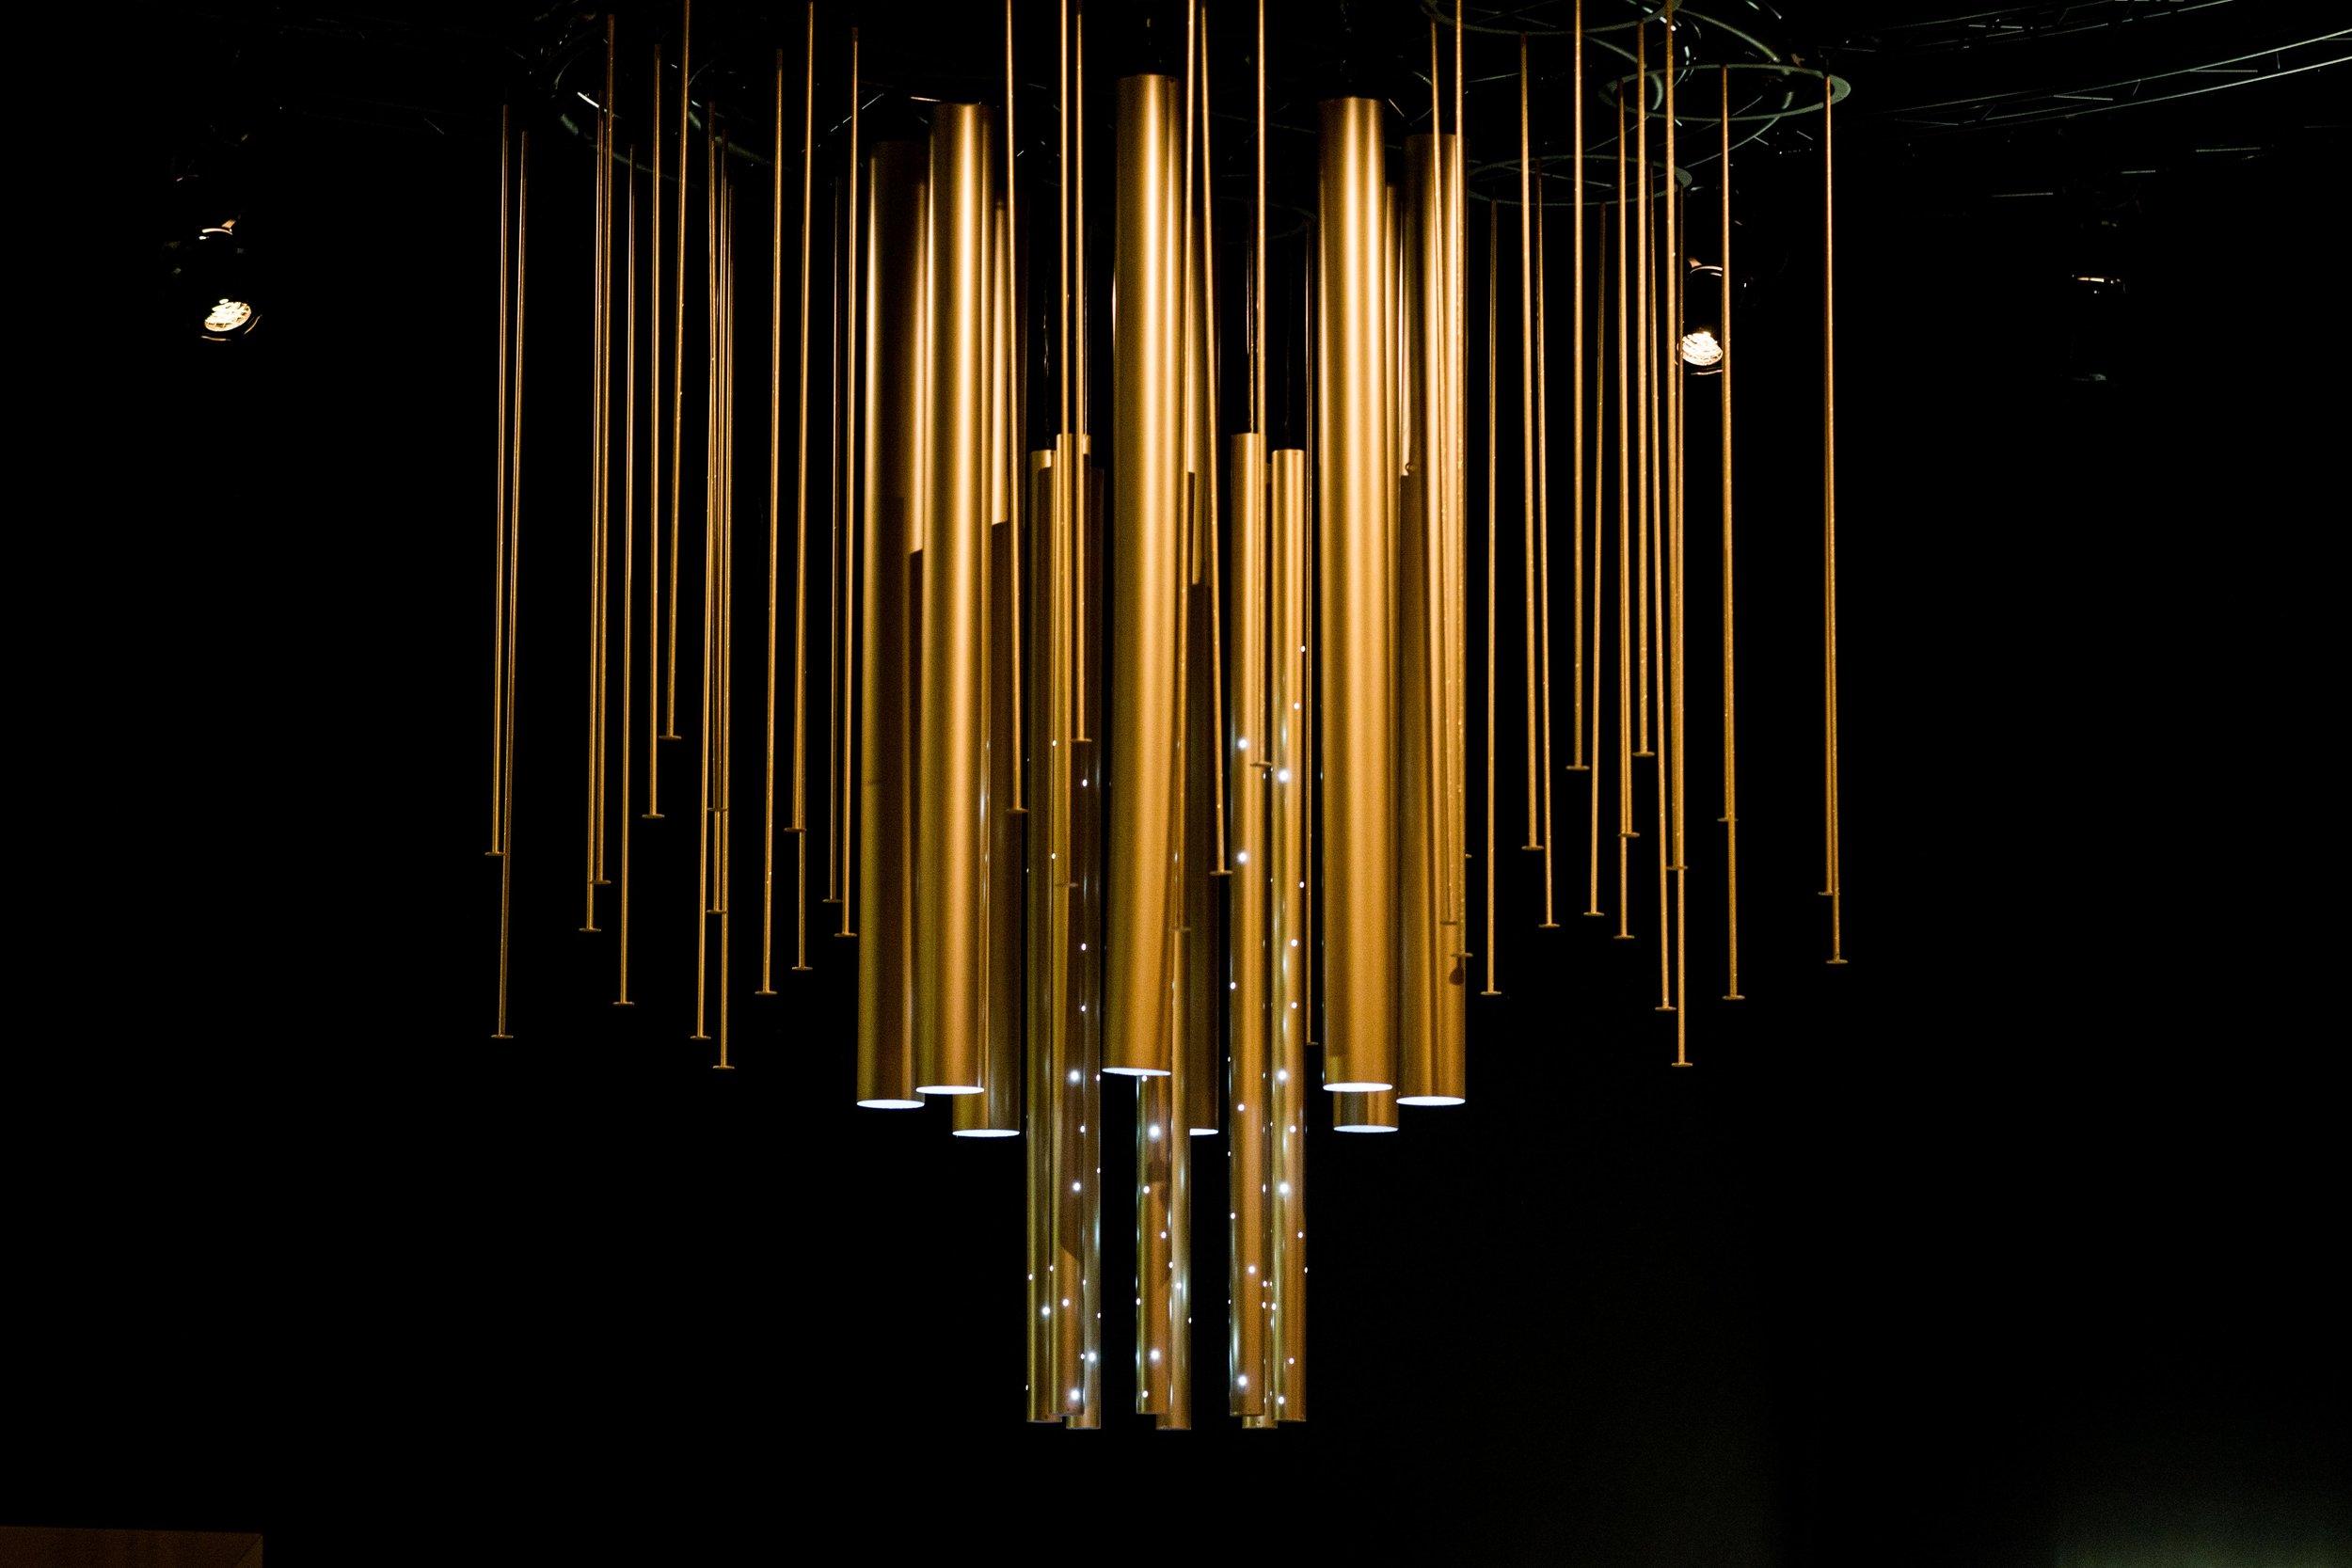 0_Golden Hour Cartier by Luxury Makers -Auditoire Dubaï - Saï - Stéphane Aït Ouarab-25.jpg